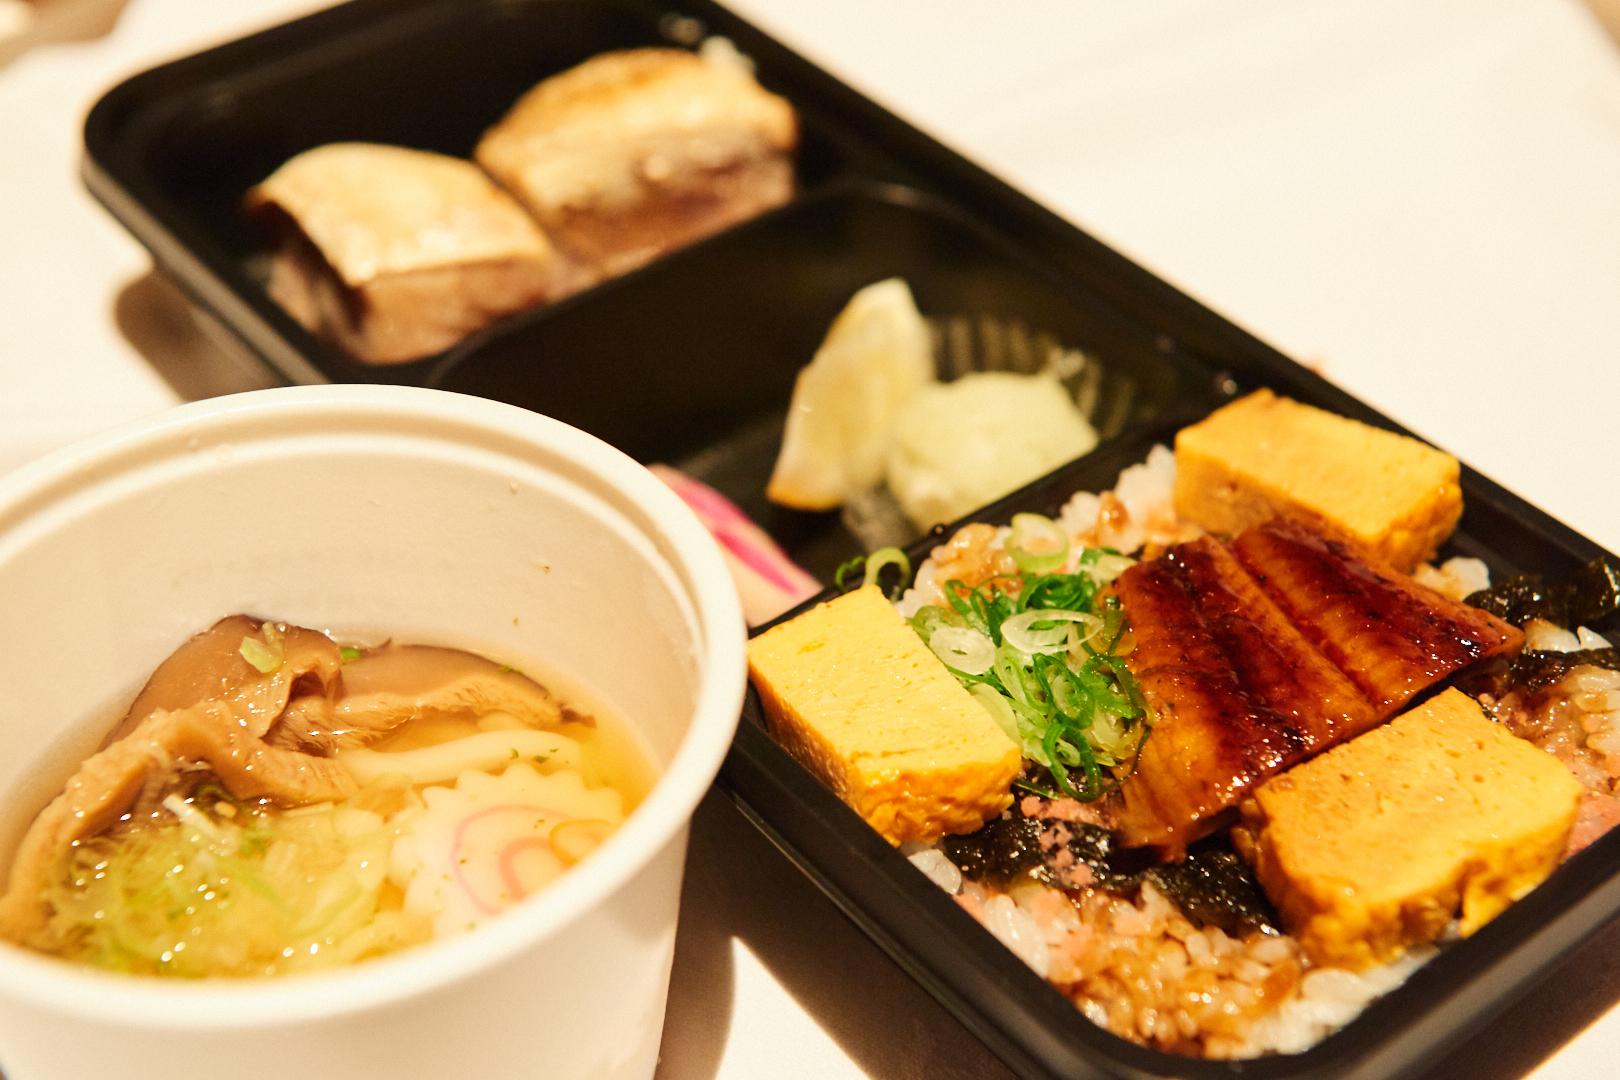 鮨と日本酒の奢酌楽『鰻丼、ブリカマのお弁当 冷やしうどん付き』